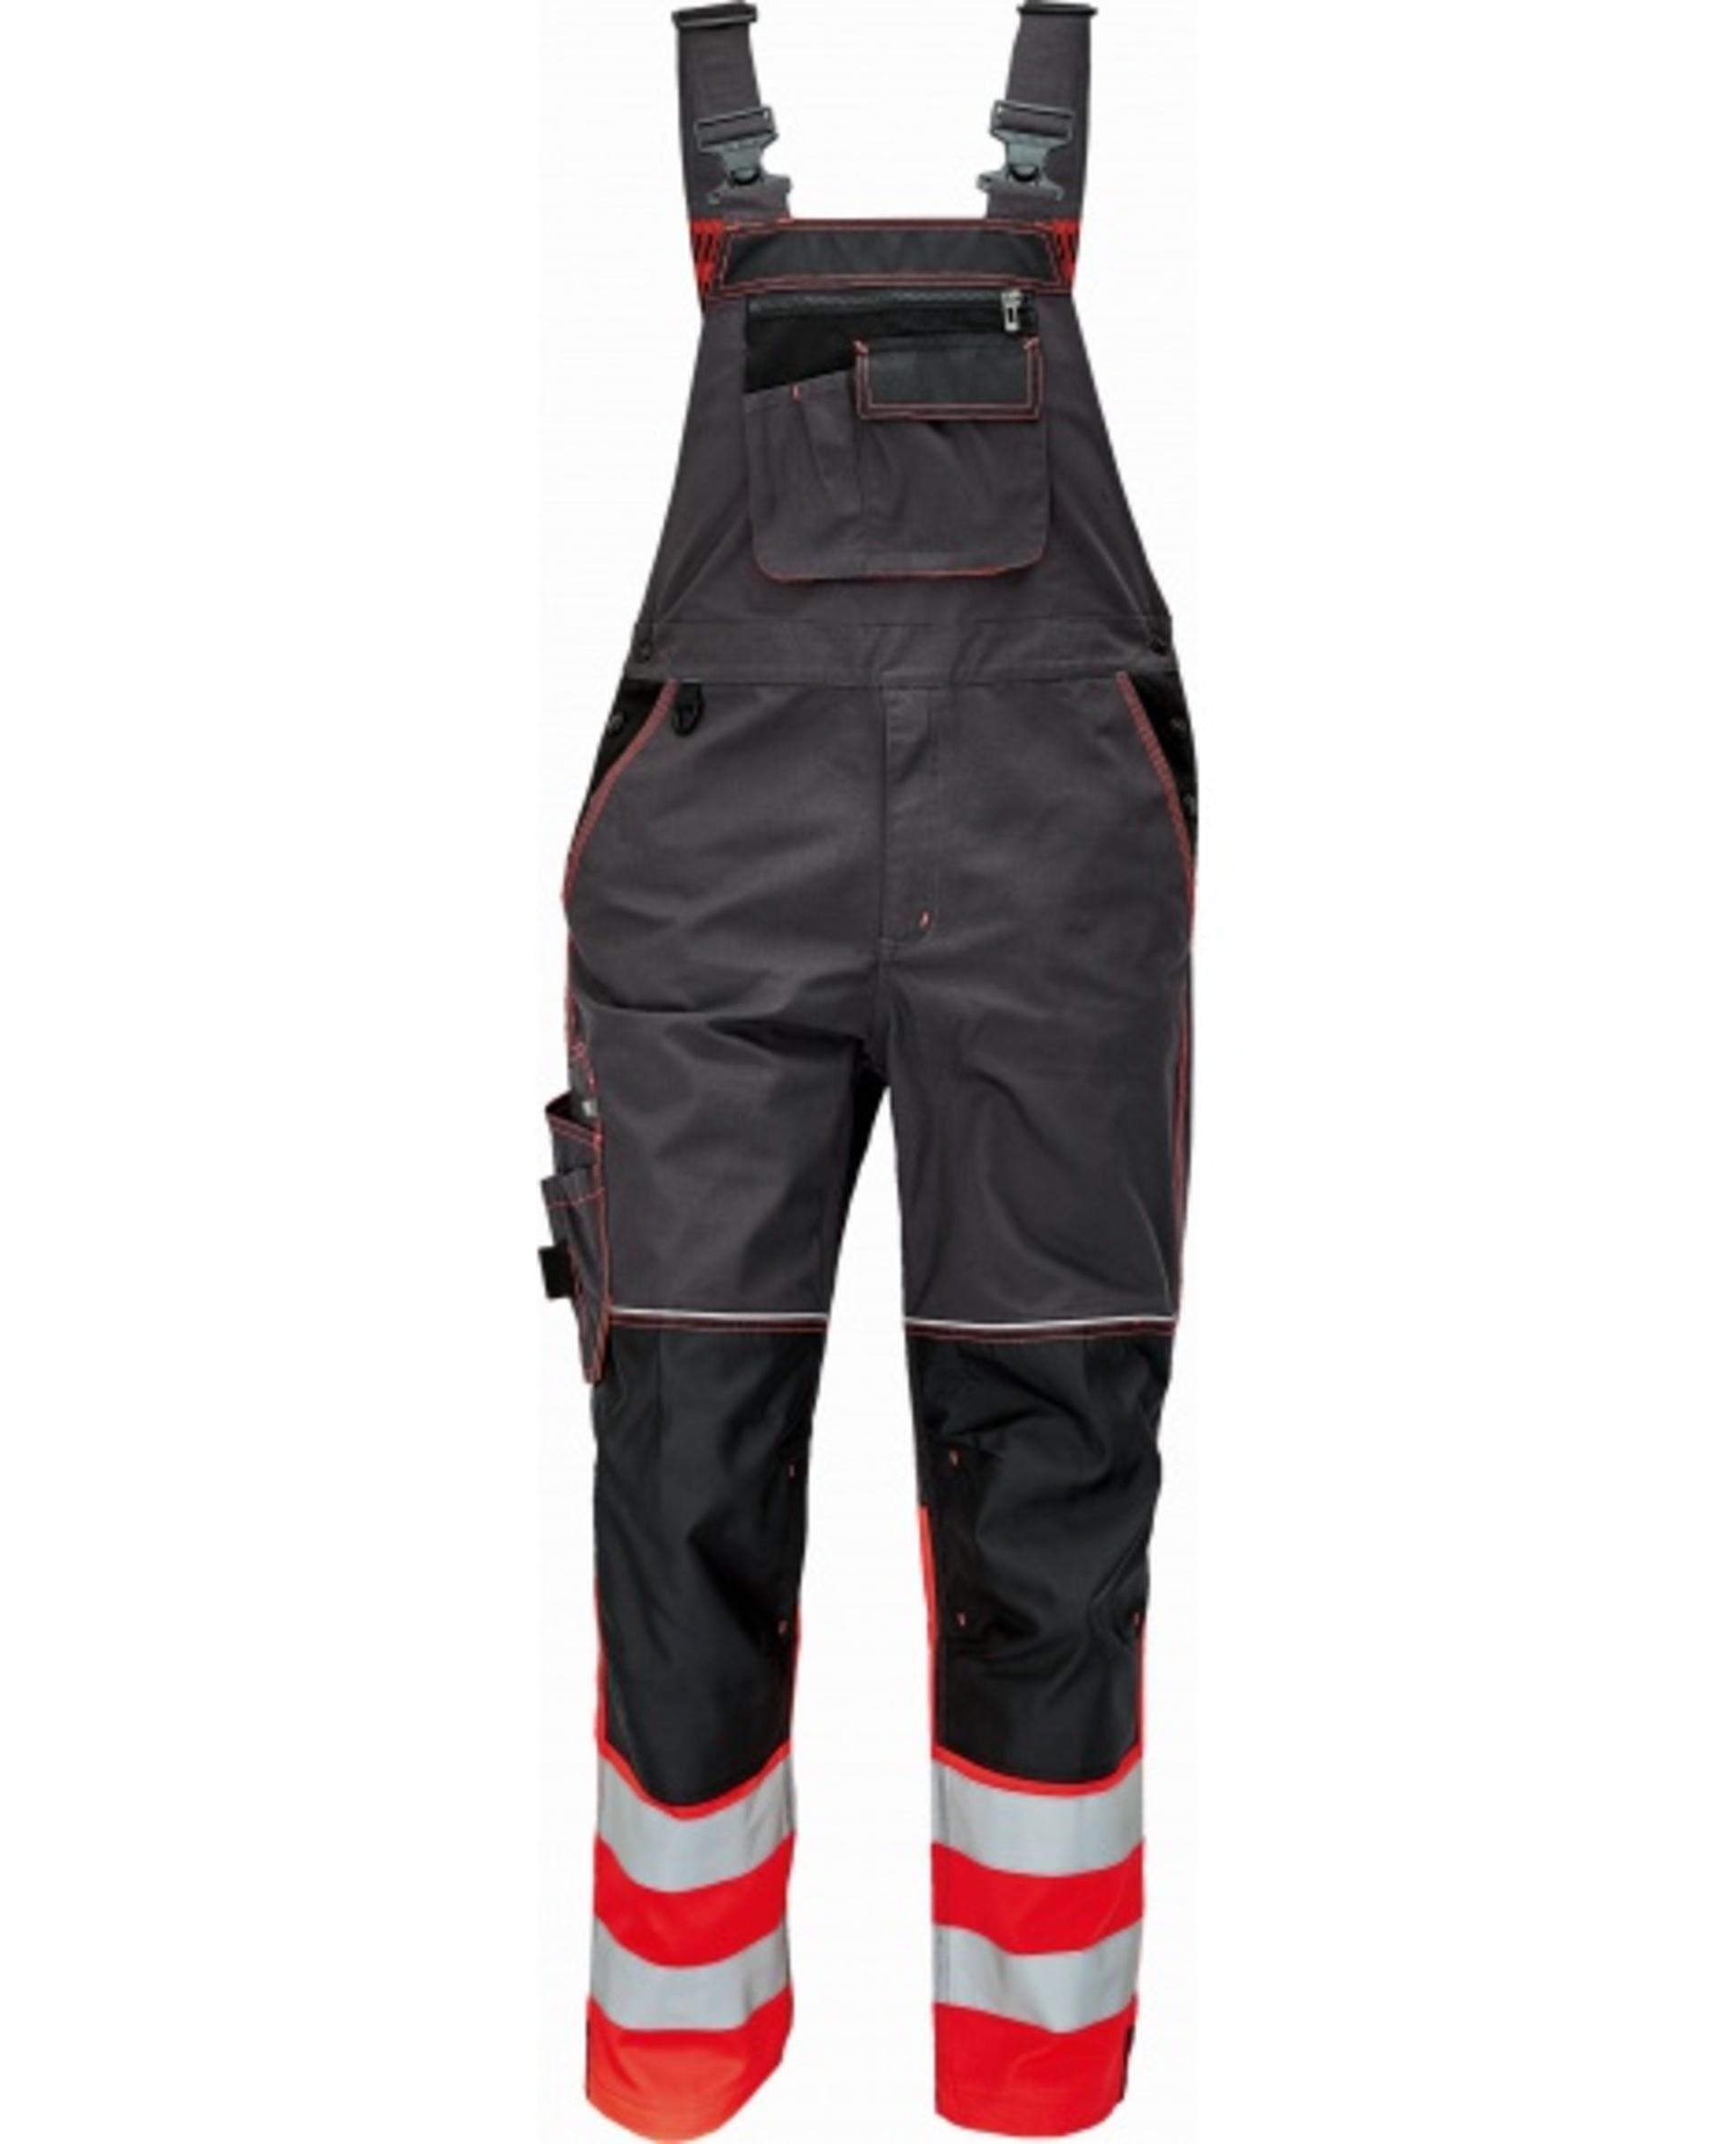 Cerva KNOXFIELD REFLEX Kalhoty pracovní s laclem černá/červená 50